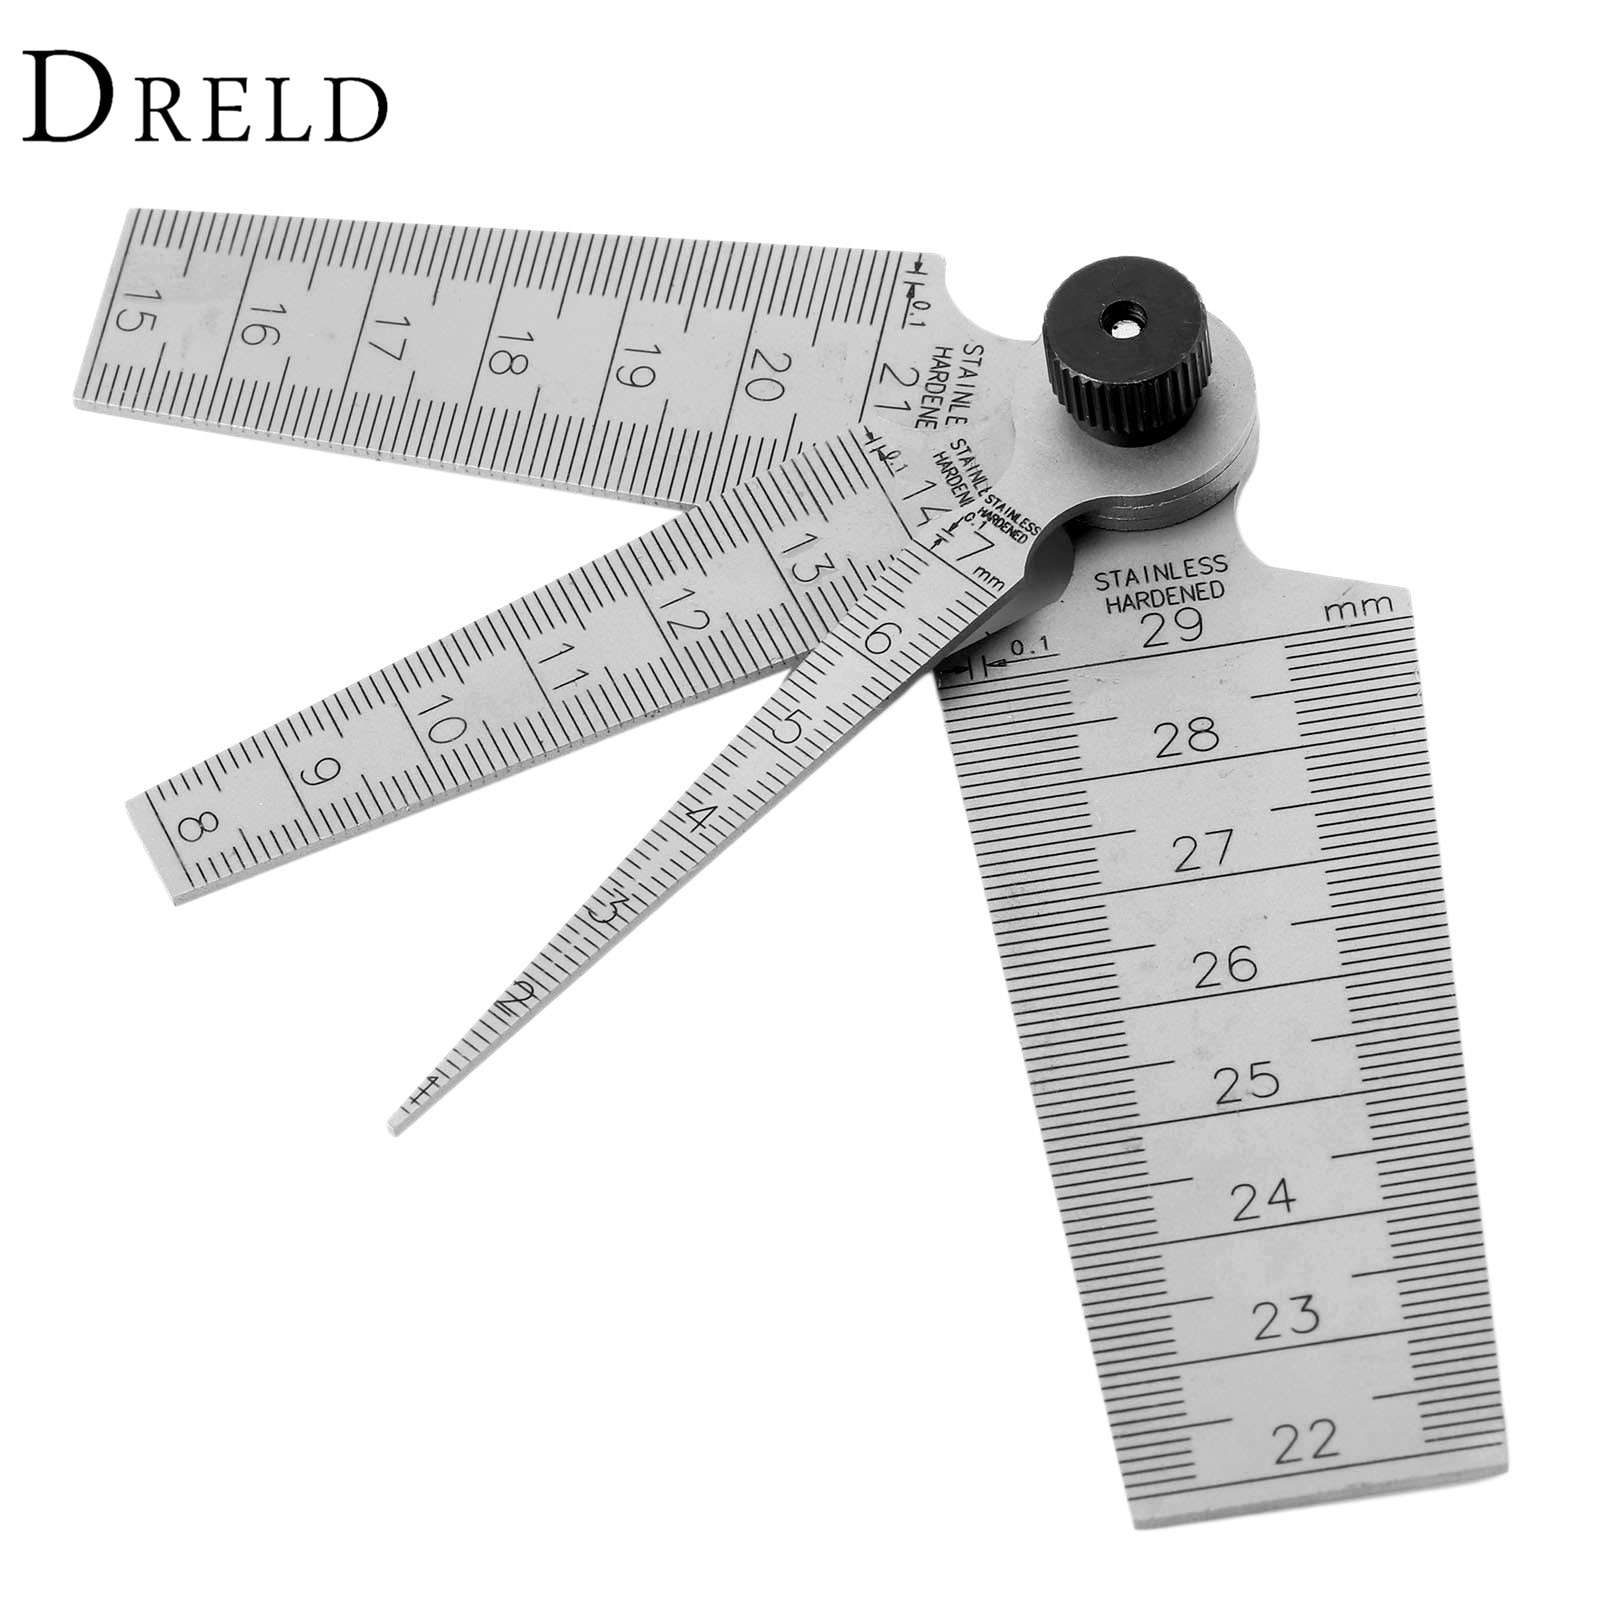 Метрический конический манометр DRELD 0-29 мм, стальная шкала диафрагмы, клинообразный щель для сверлильного отверстия 4 в 1, линейка Мути-фуцион...